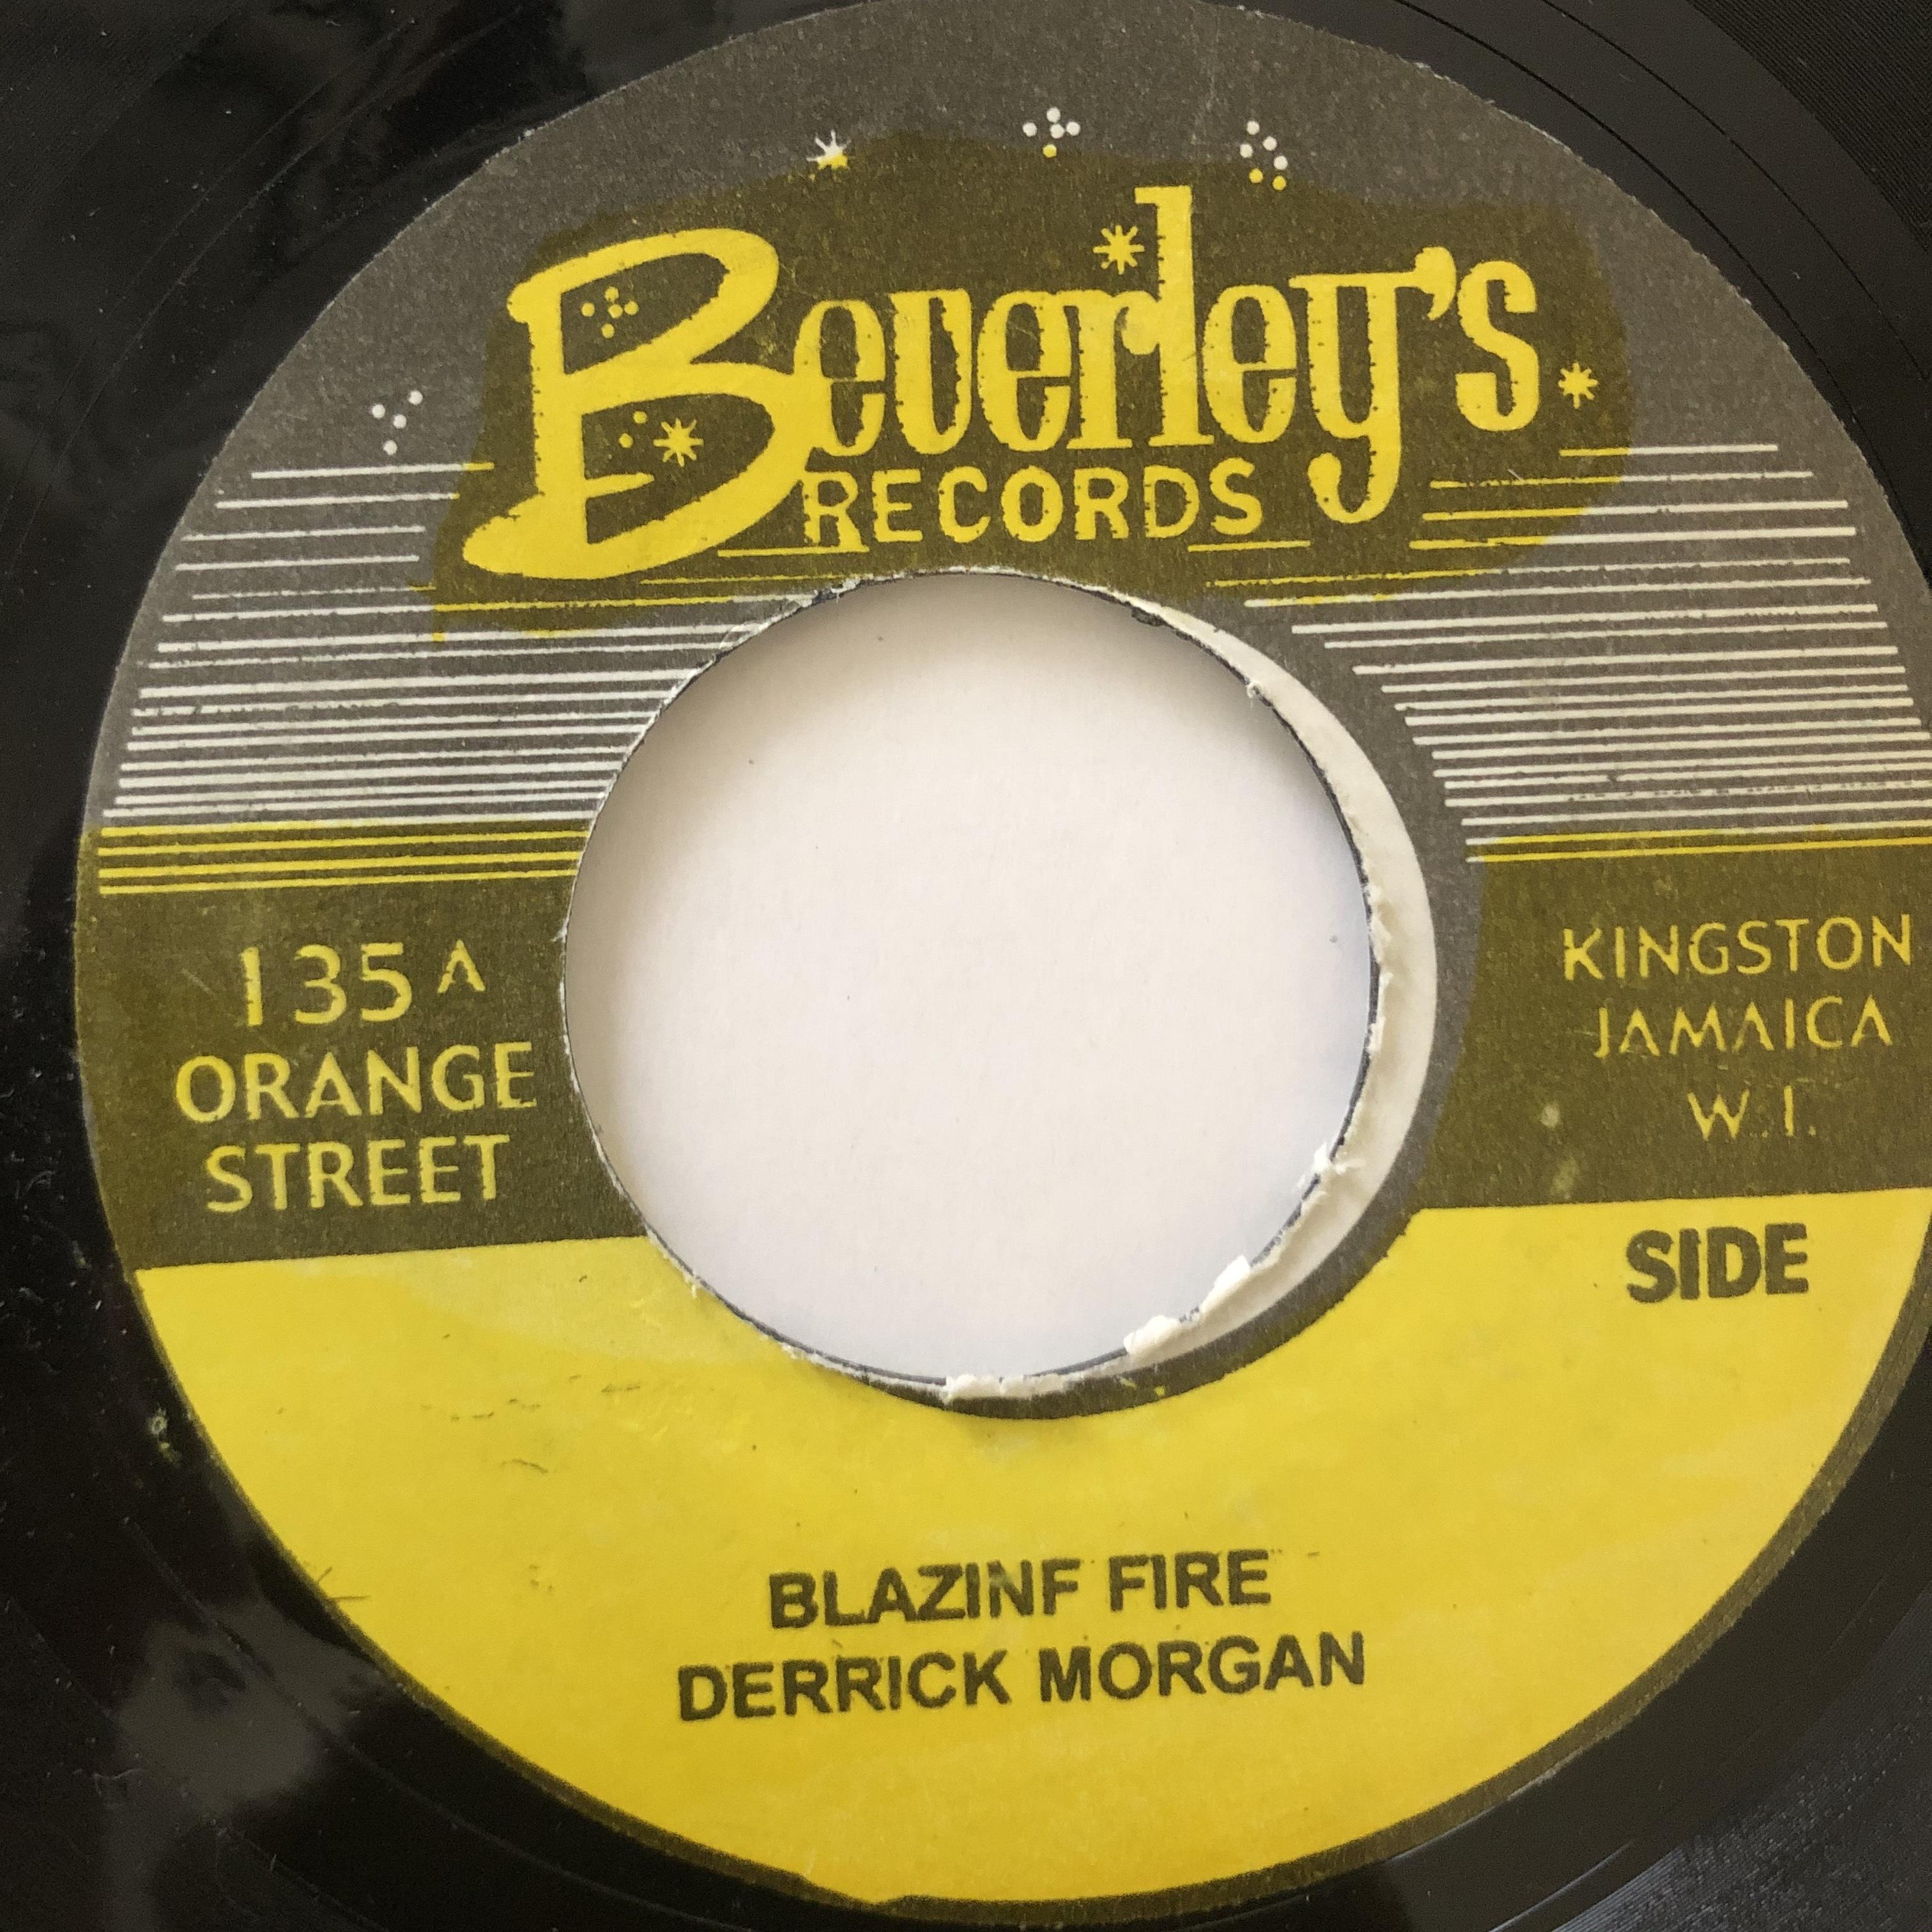 Derrick Morgan - Blazing Fire【7-20663】